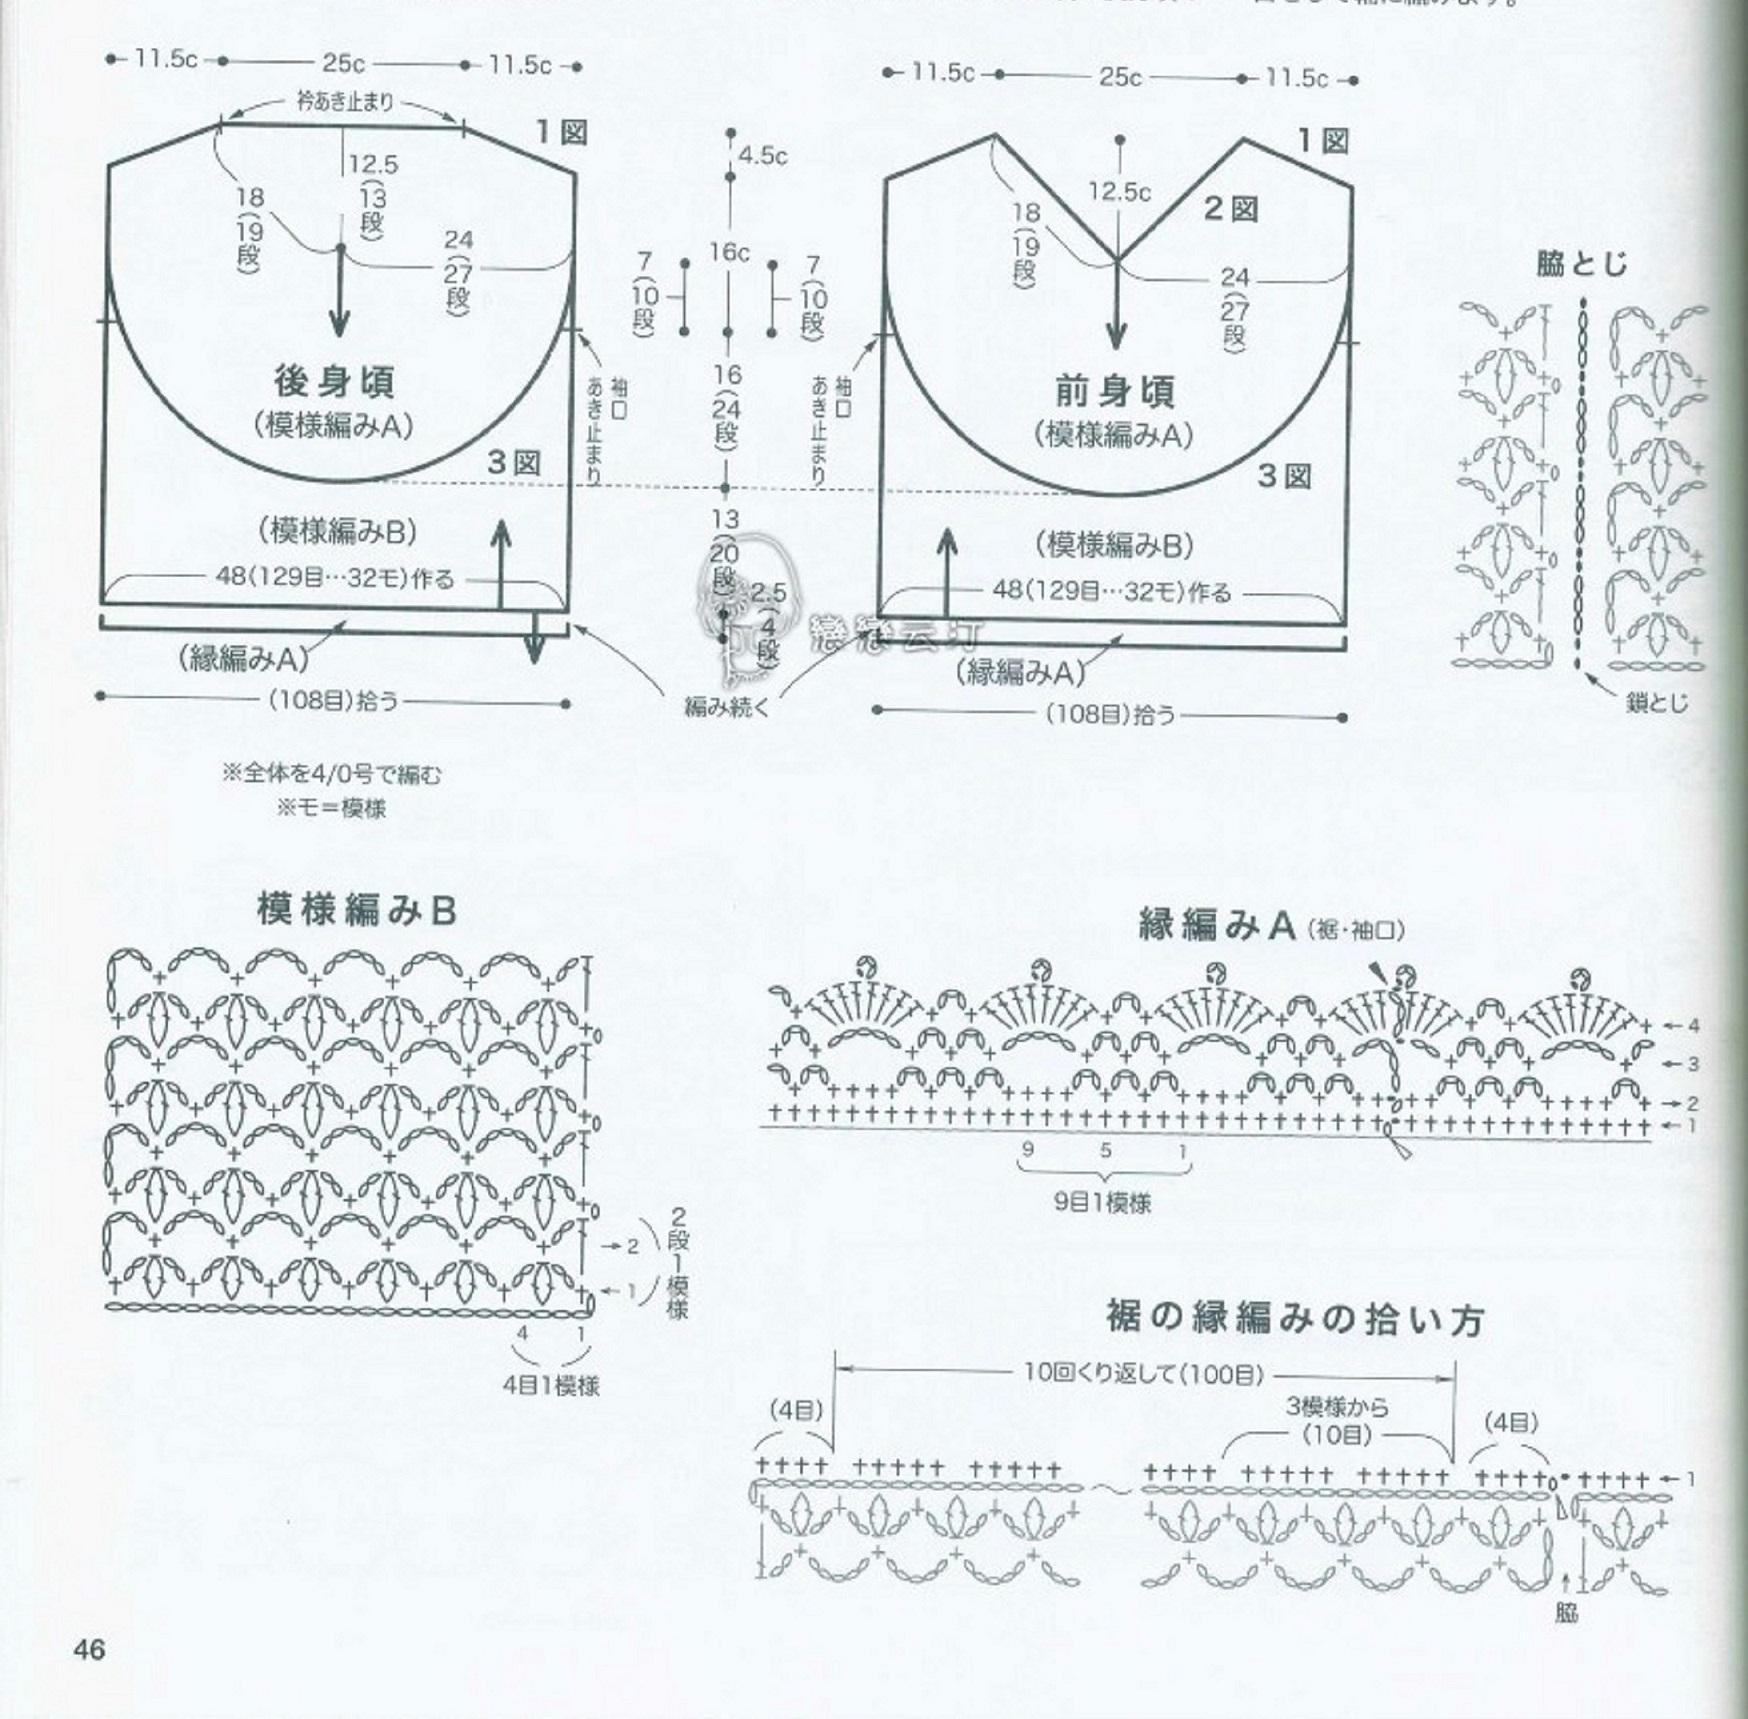 1970_lks80494 (10)